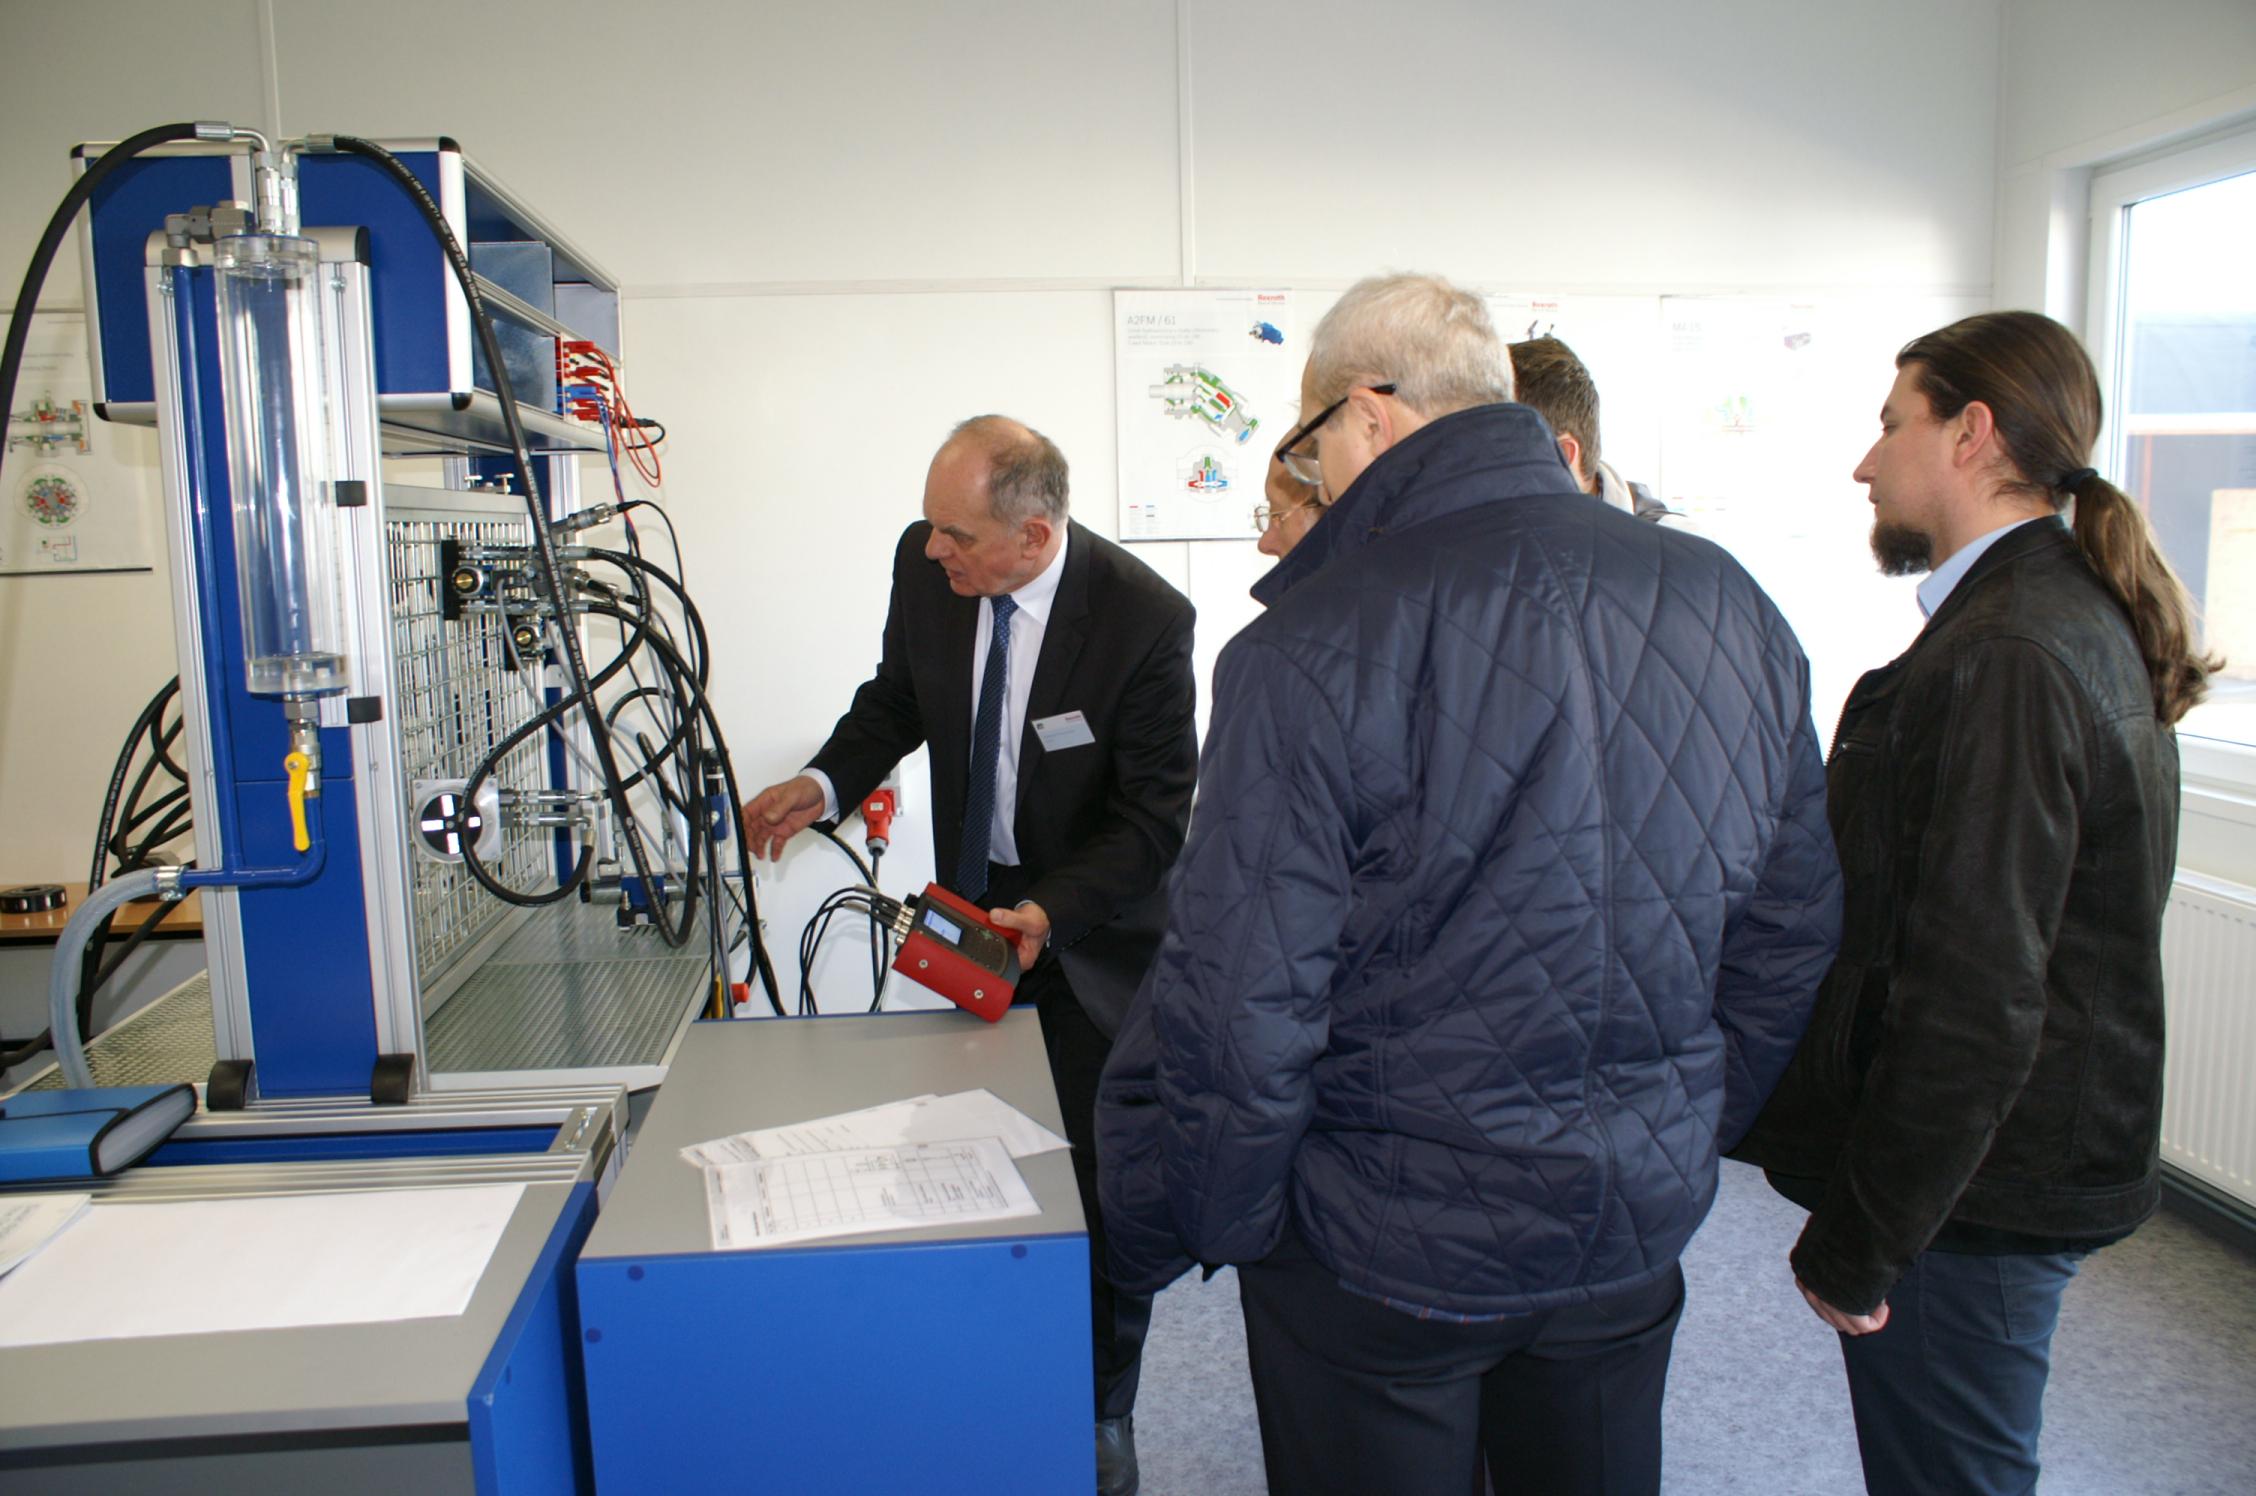 Inteligentne układy zarządzania energią, energia na żądanie oraz rekuperacja energii w maszynach roboczych